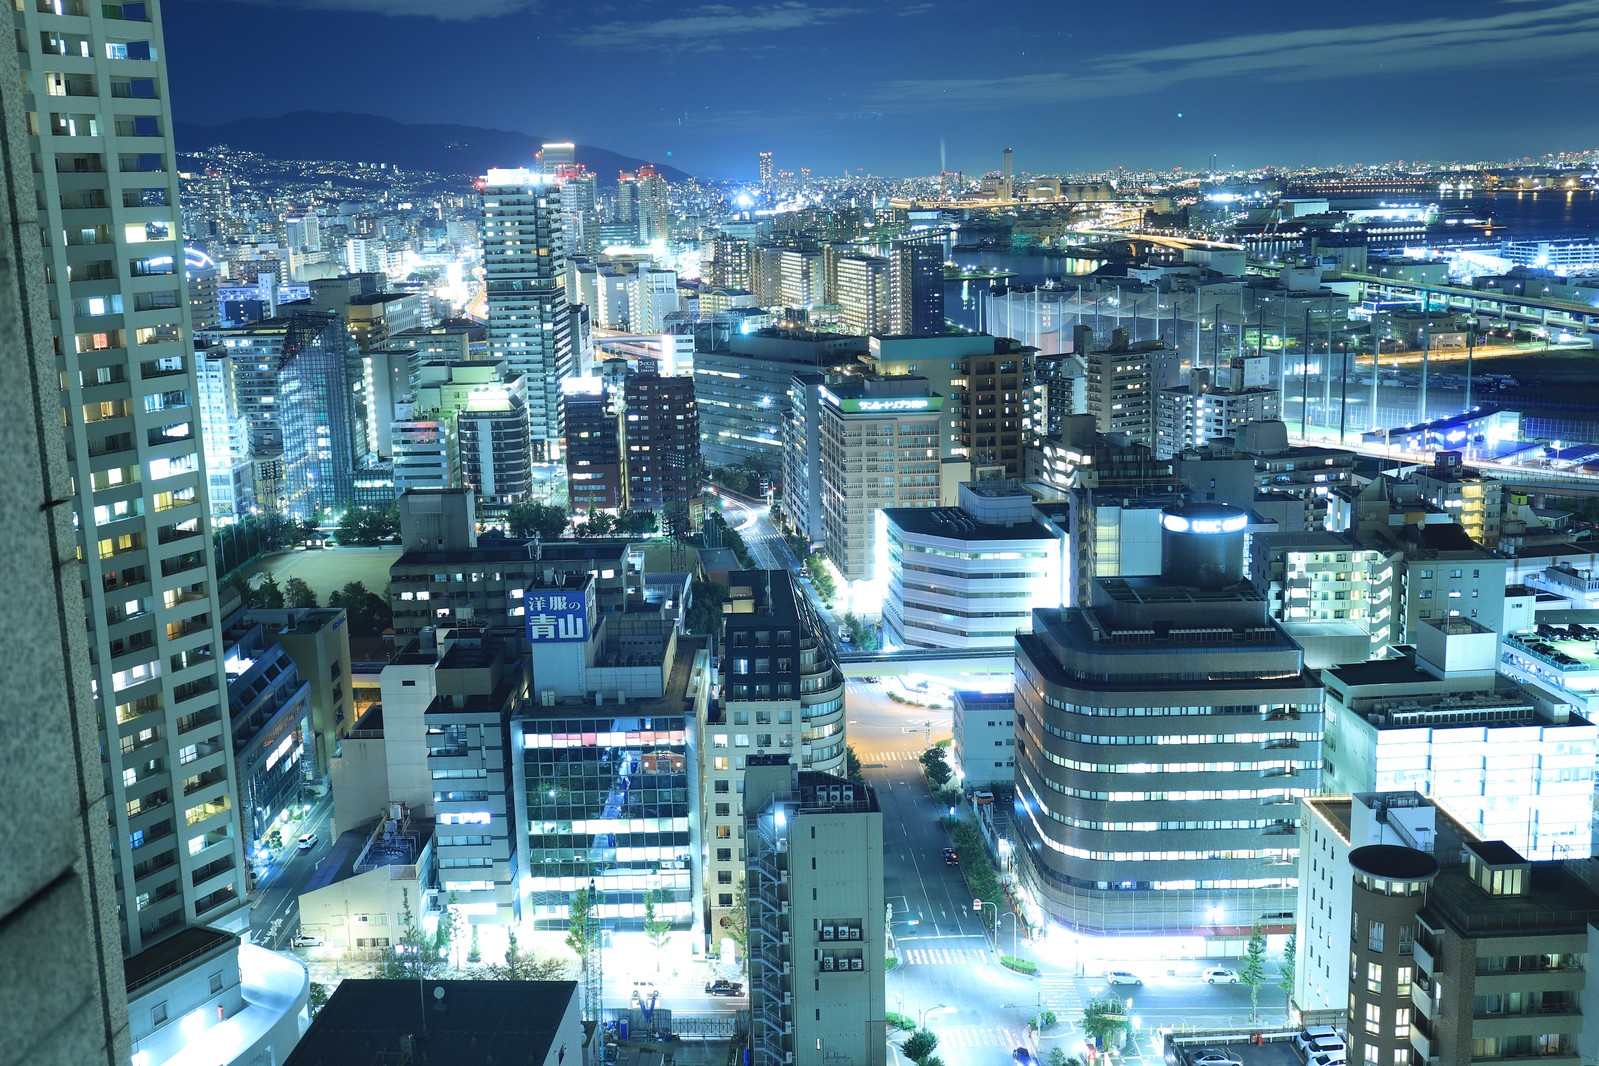 「高層階から見えるビル群の夜景」の写真